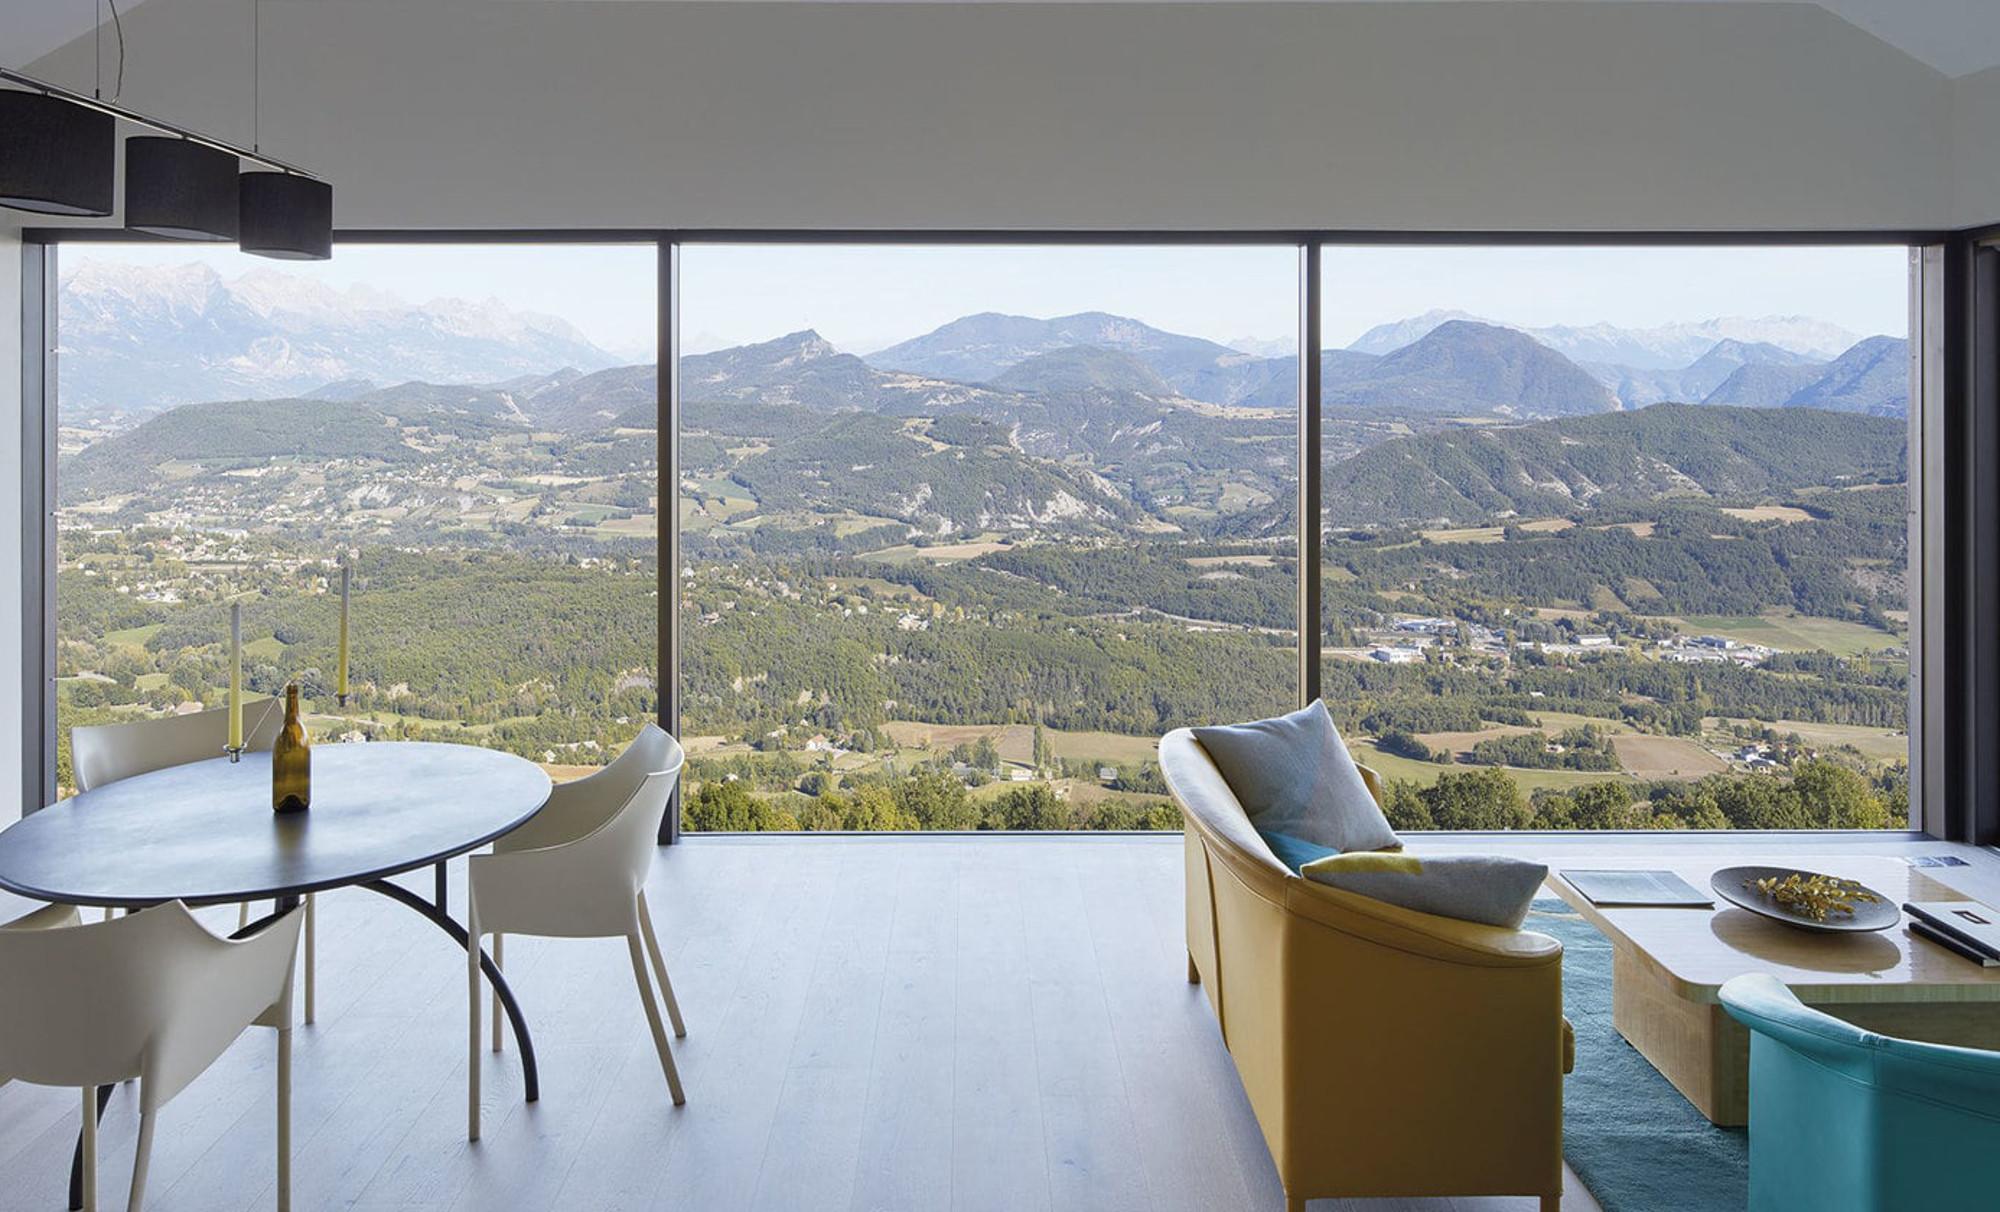 Pareti vetrate Finstral con panorama